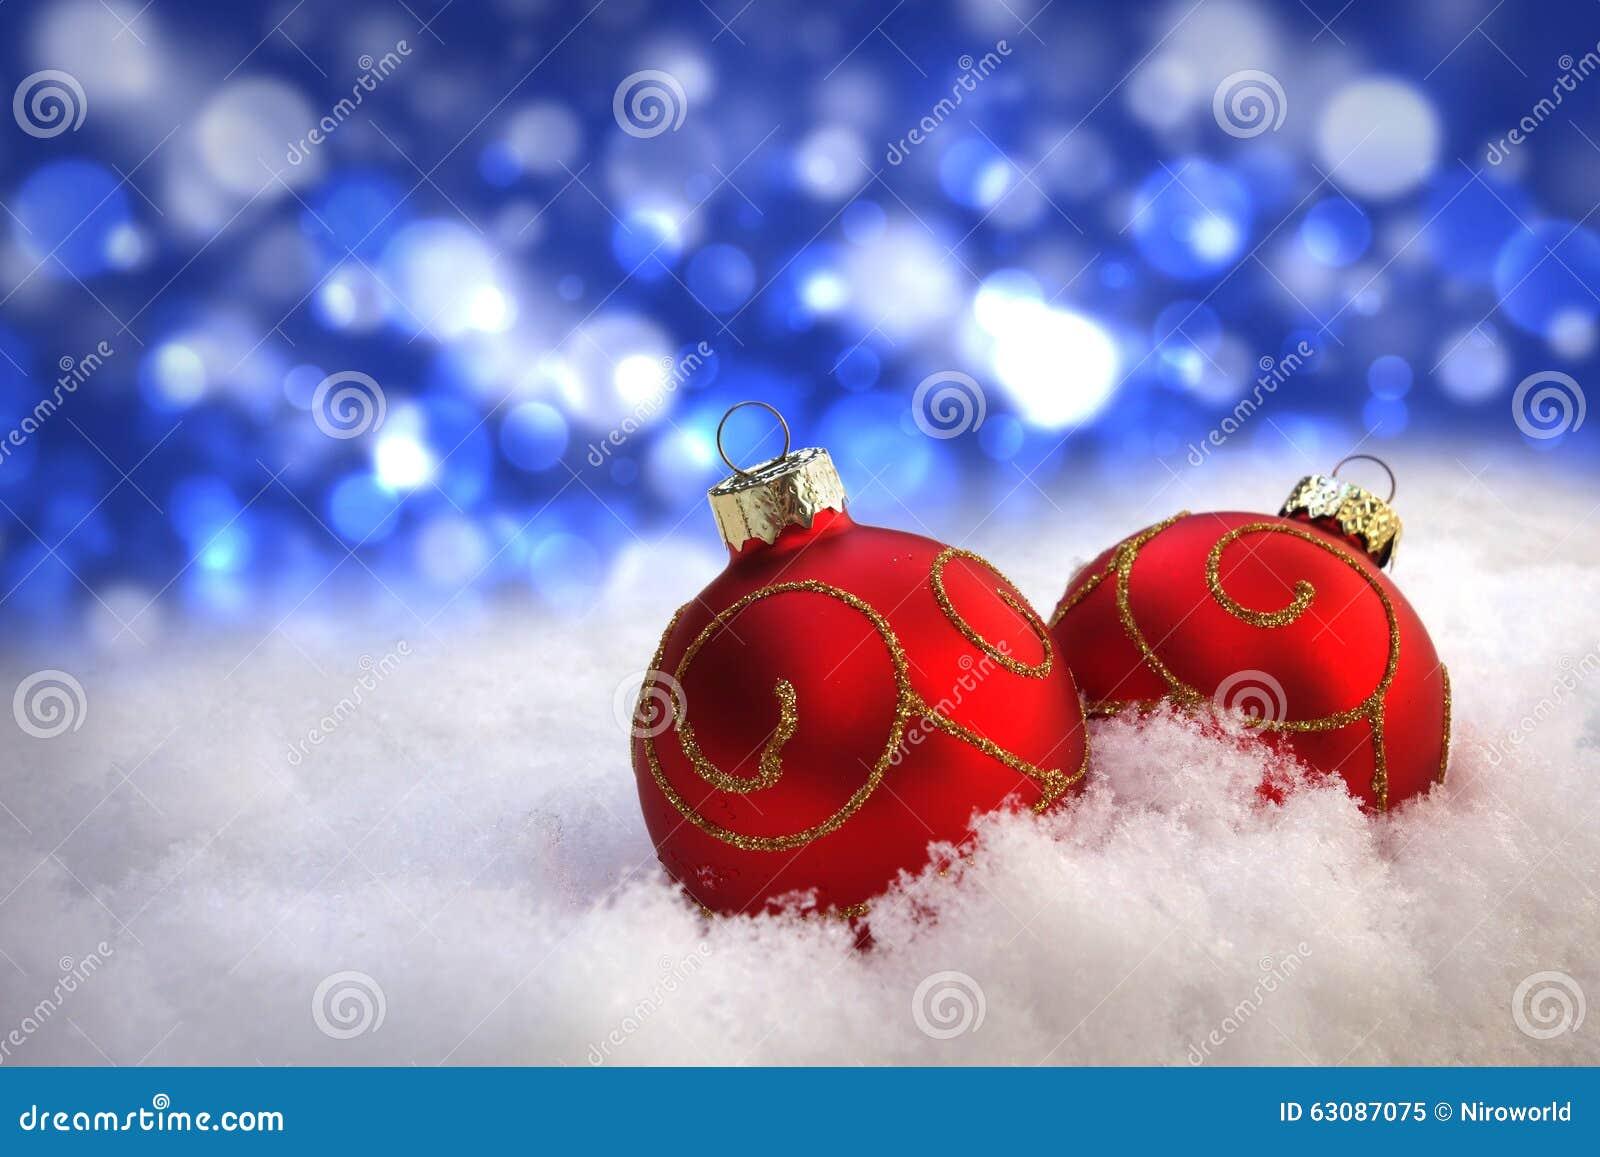 Download Fond De Salutation De Noël Avec Copyspace Illustration Stock - Illustration du réception, contexte: 63087075